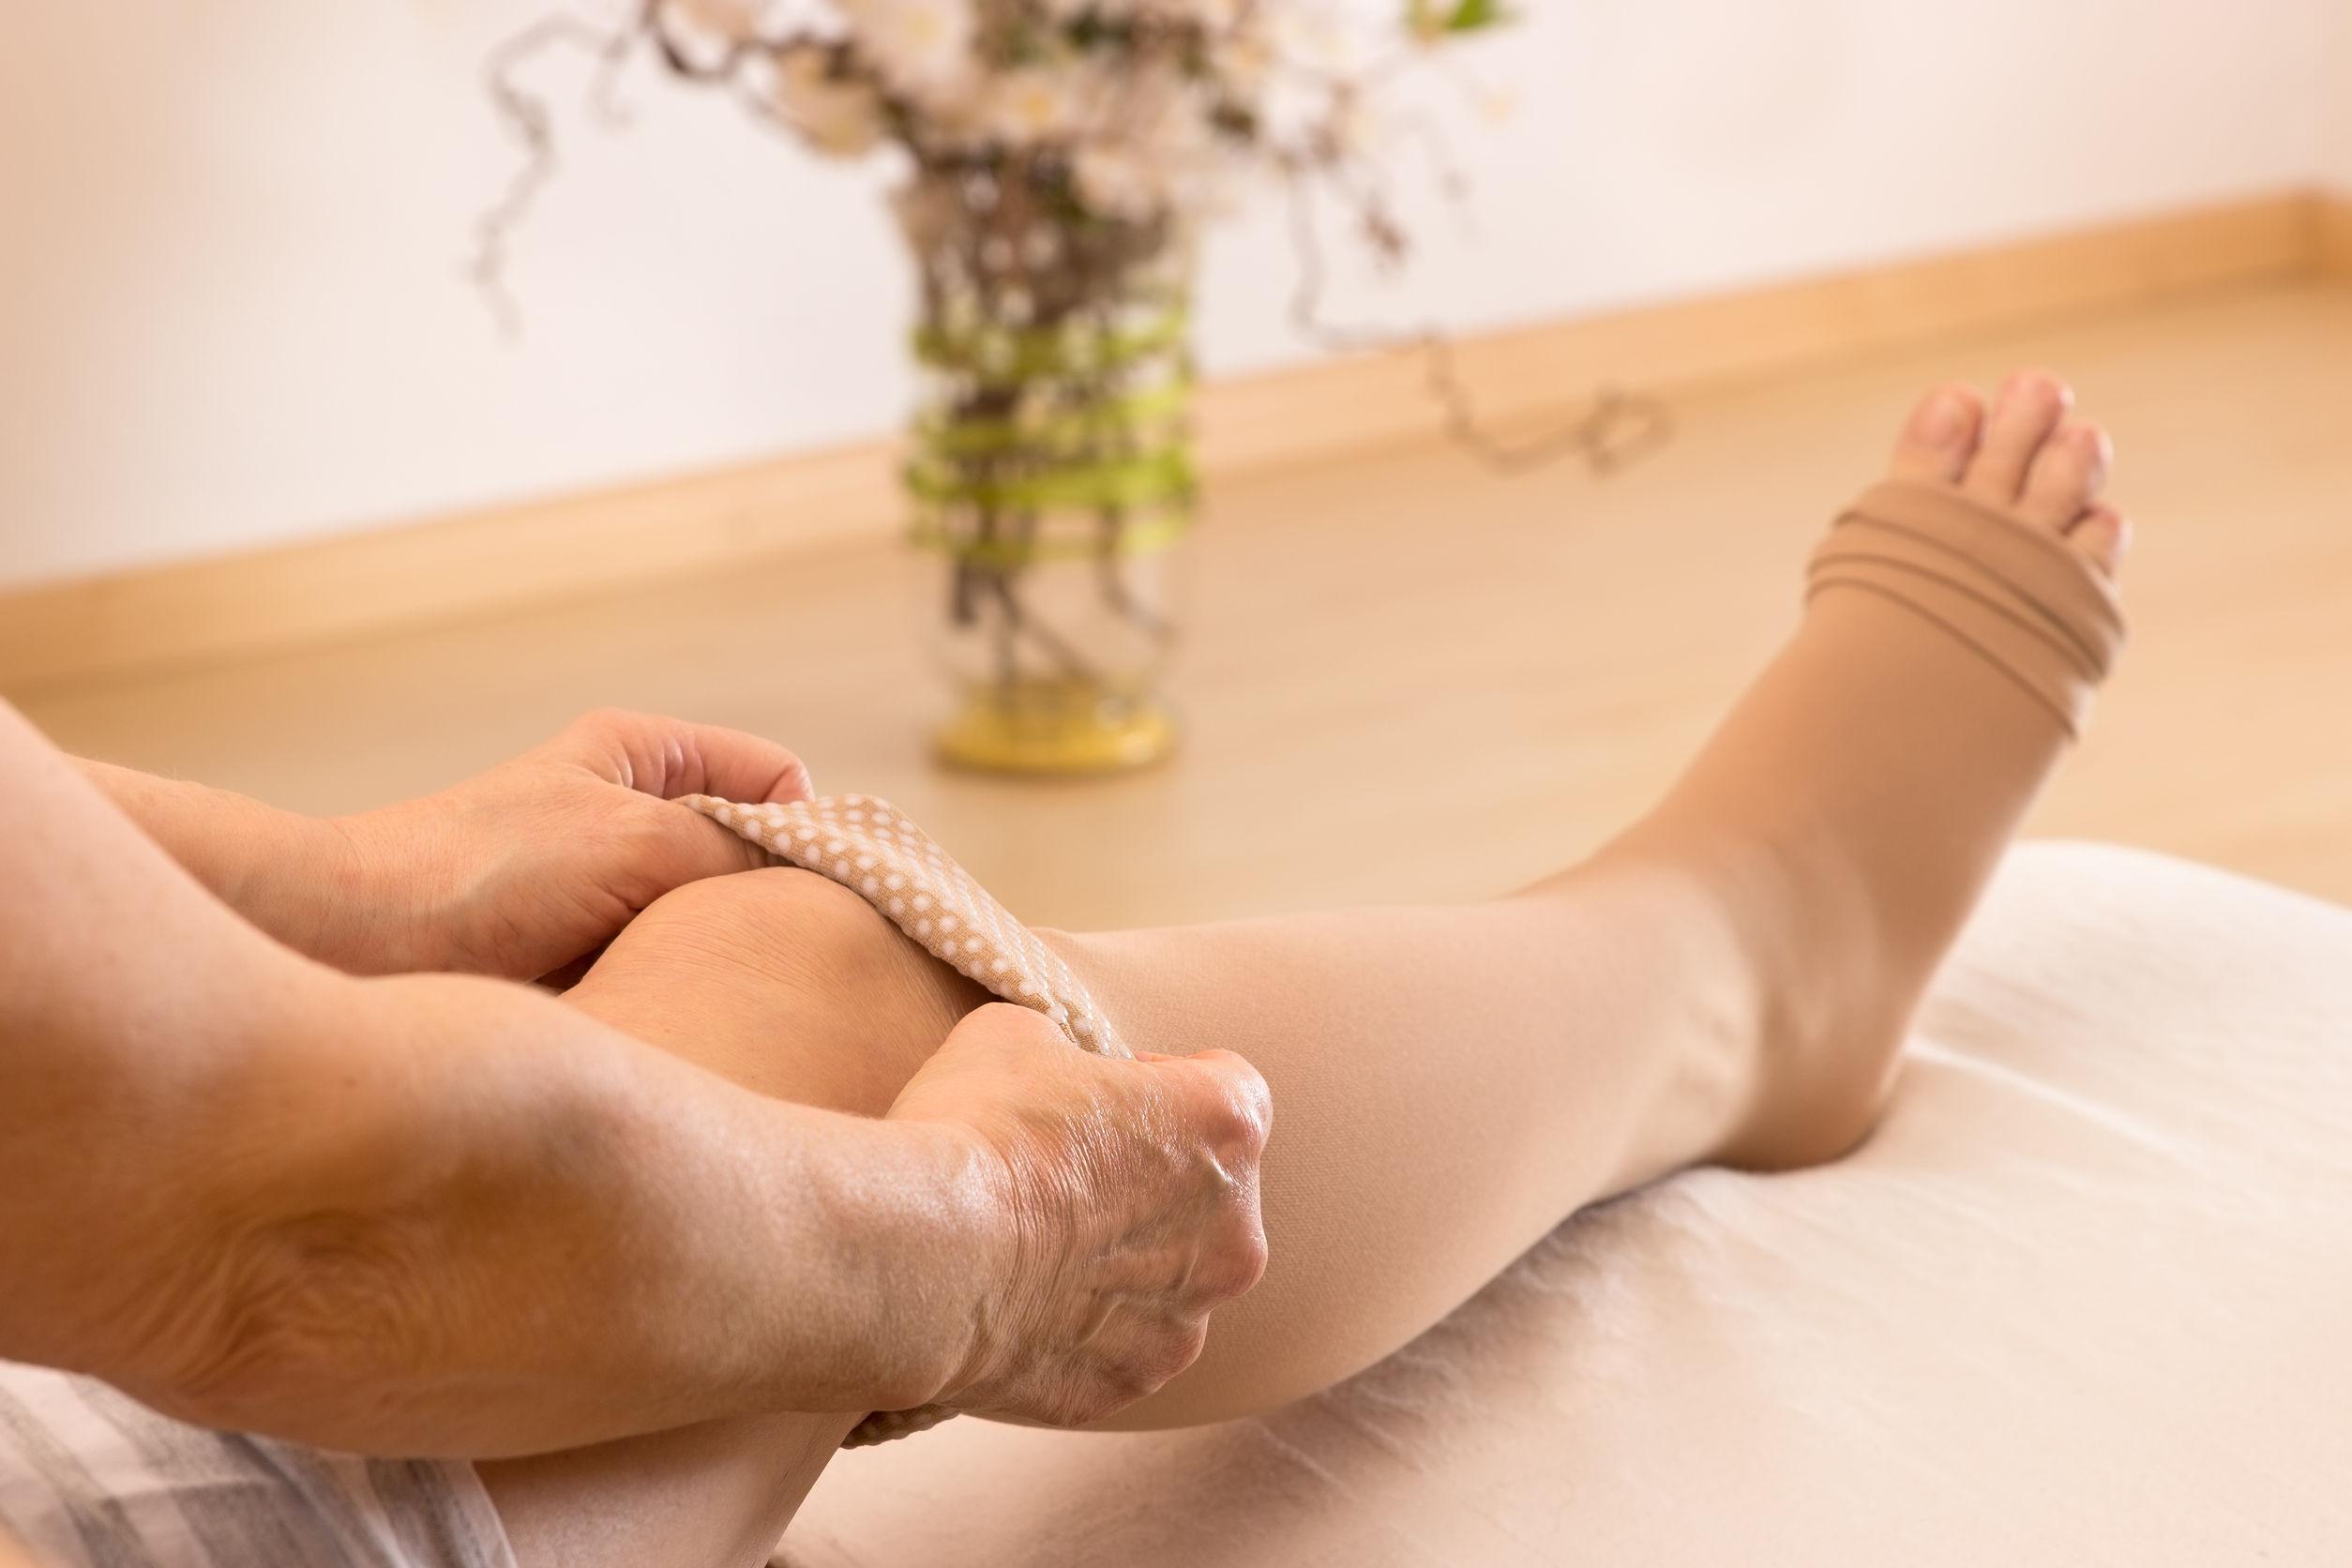 test visszér kezelése visszeres rézharisnya